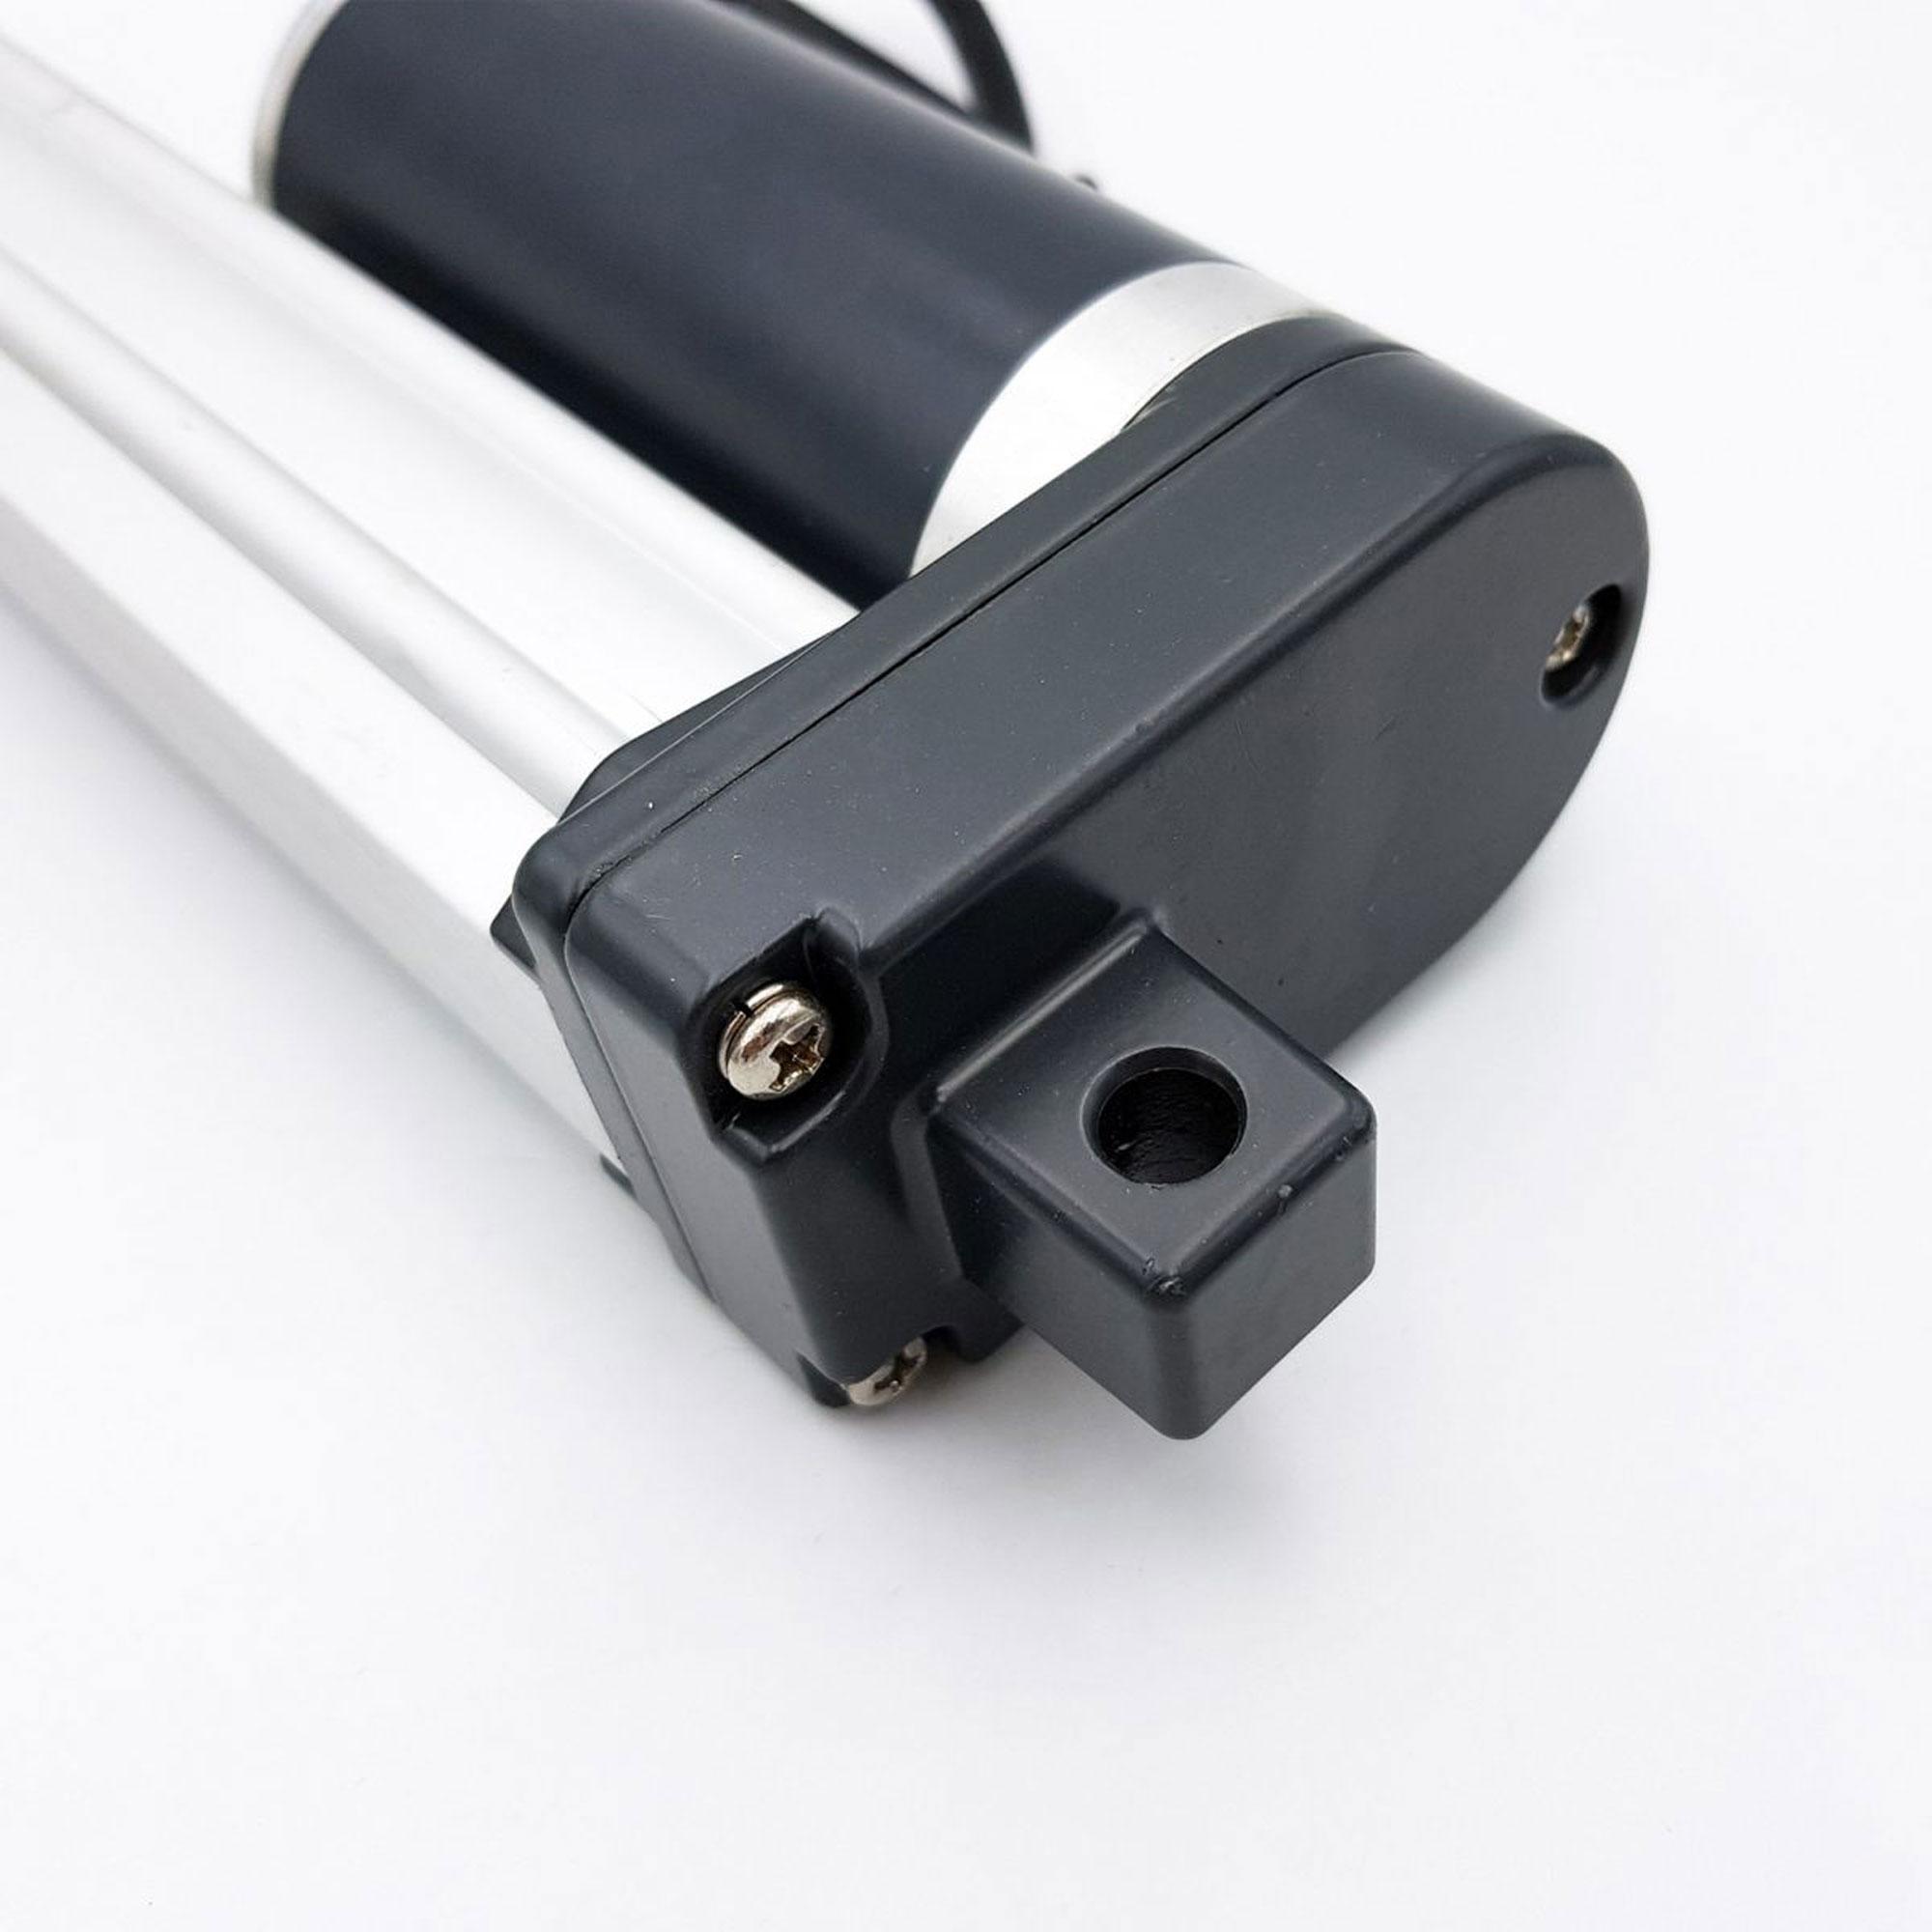 Phần chân Xi lanh điện 24V có lực nâng 1500N